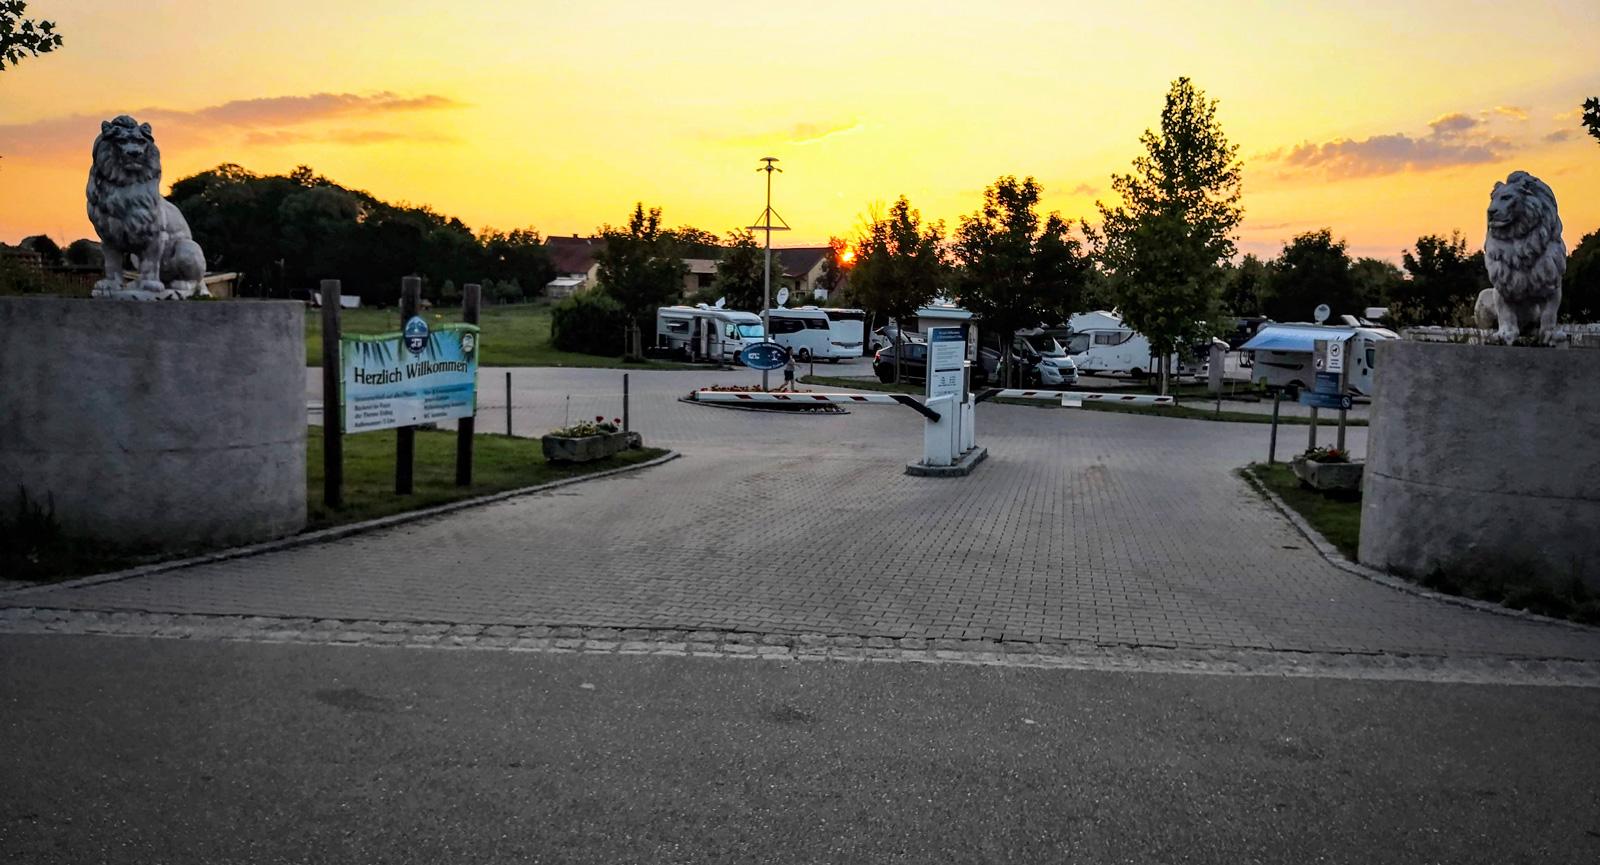 München med husbil: Ställ bilen i Erding